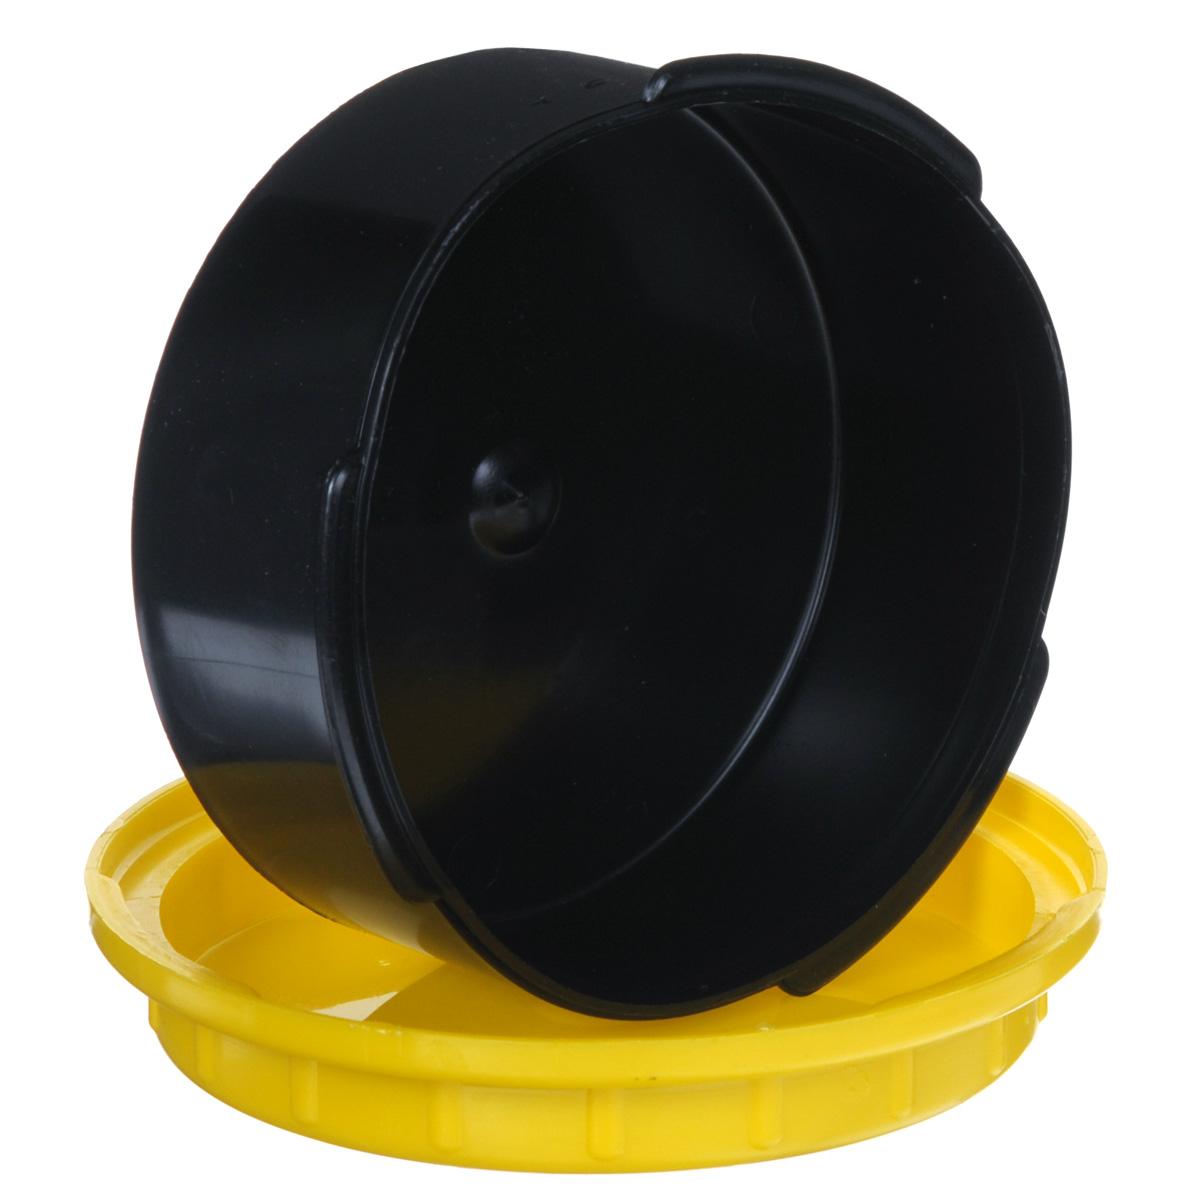 Банка для мотыля Тонар1501-07Банка для мотыля Тонар предназначена для хранения насадок. Выполнена из прочного морозостойкого пластика. В крышке имеются отверстия, которые позволяют дышать мотылю.